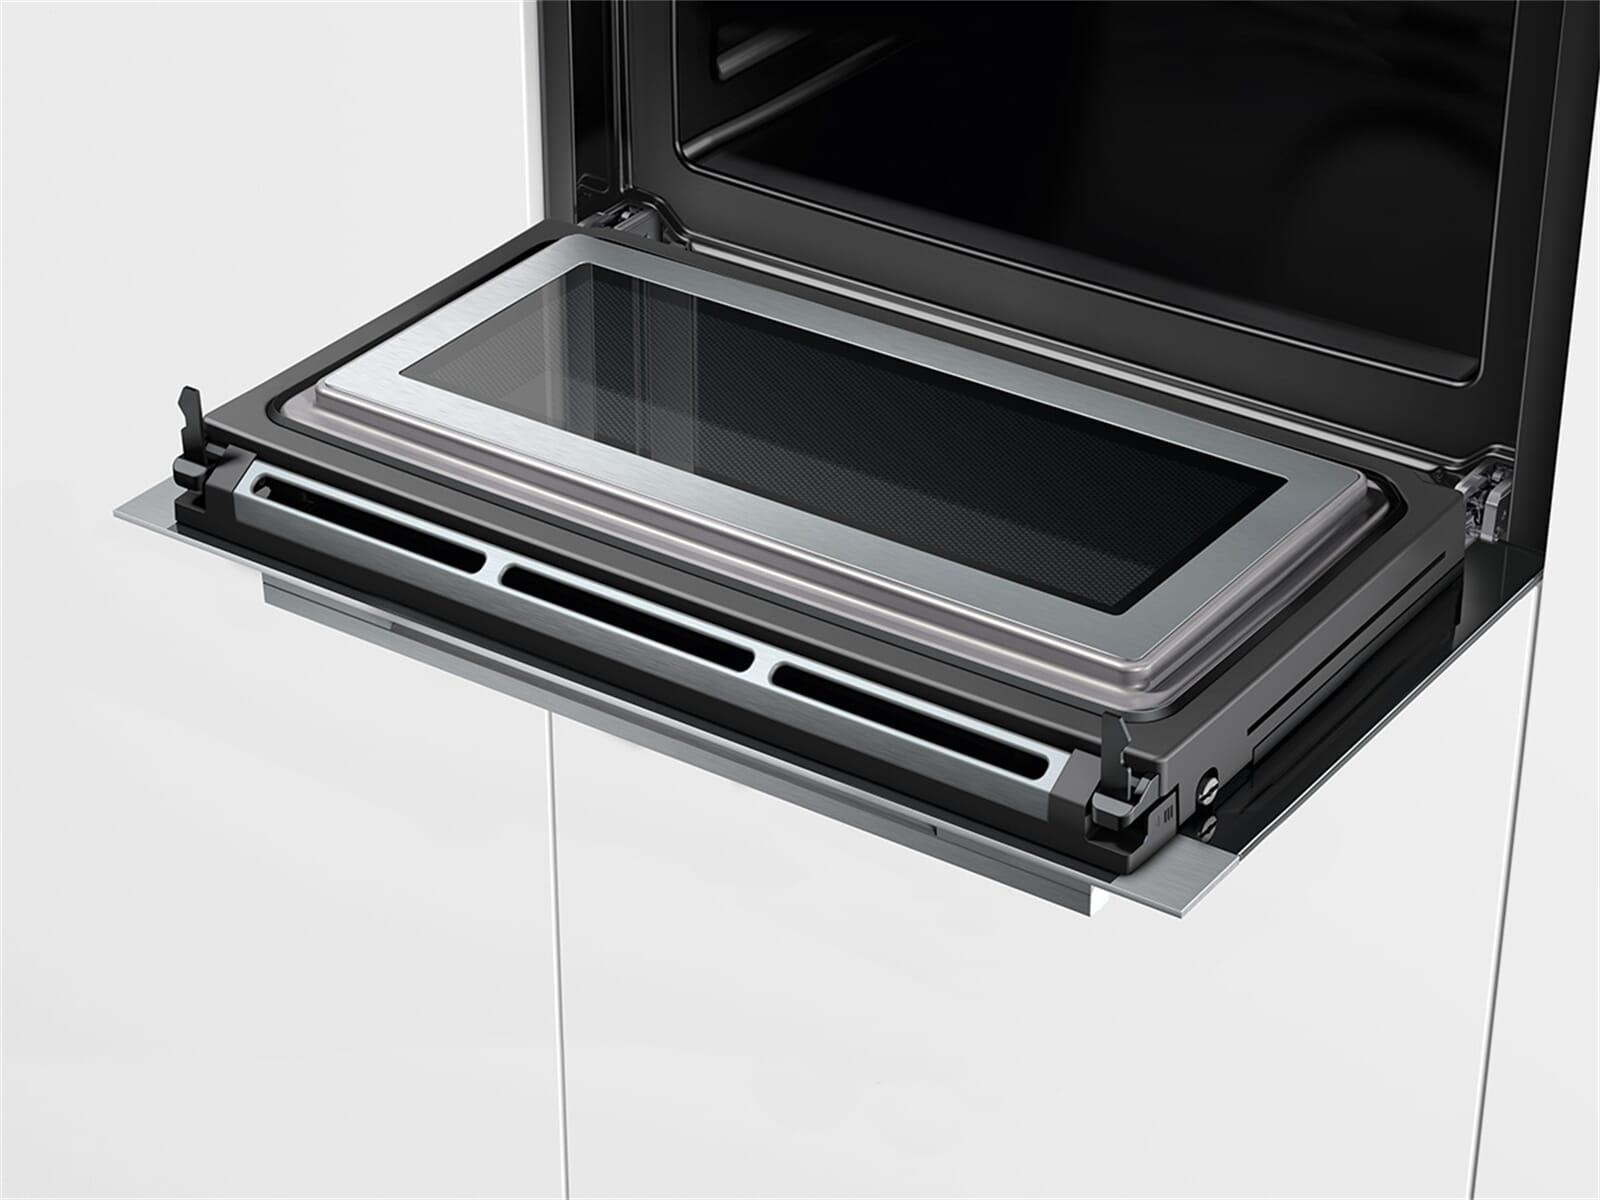 siemens cm638grs1 kompakt backofen mit mikrowelle edelstahl. Black Bedroom Furniture Sets. Home Design Ideas